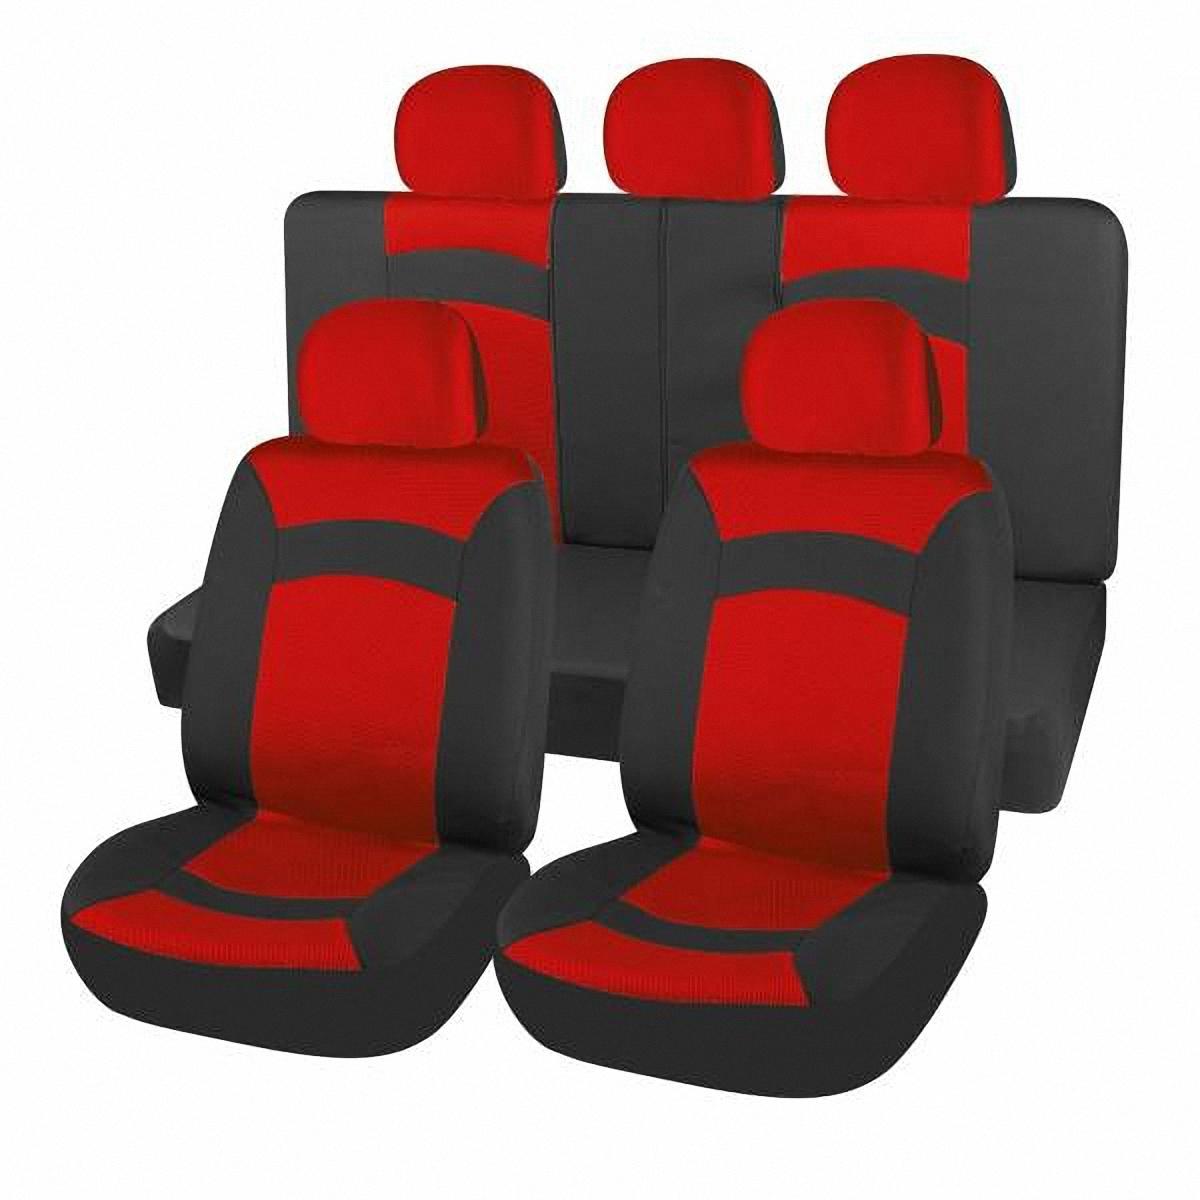 Чехлы автомобильные Skyway. S01301120S01301120Комплект классических универсальных автомобильных чехлов Skyway S01301120 изготовлен из полиэстера. Чехлы защитят обивку сидений от вытирания и выцветания. Благодаря структуре ткани, обеспечивается улучшенная вентиляция кресел, что позволяет сделать более комфортными долгое пребывание за рулем во время дальней поездки.